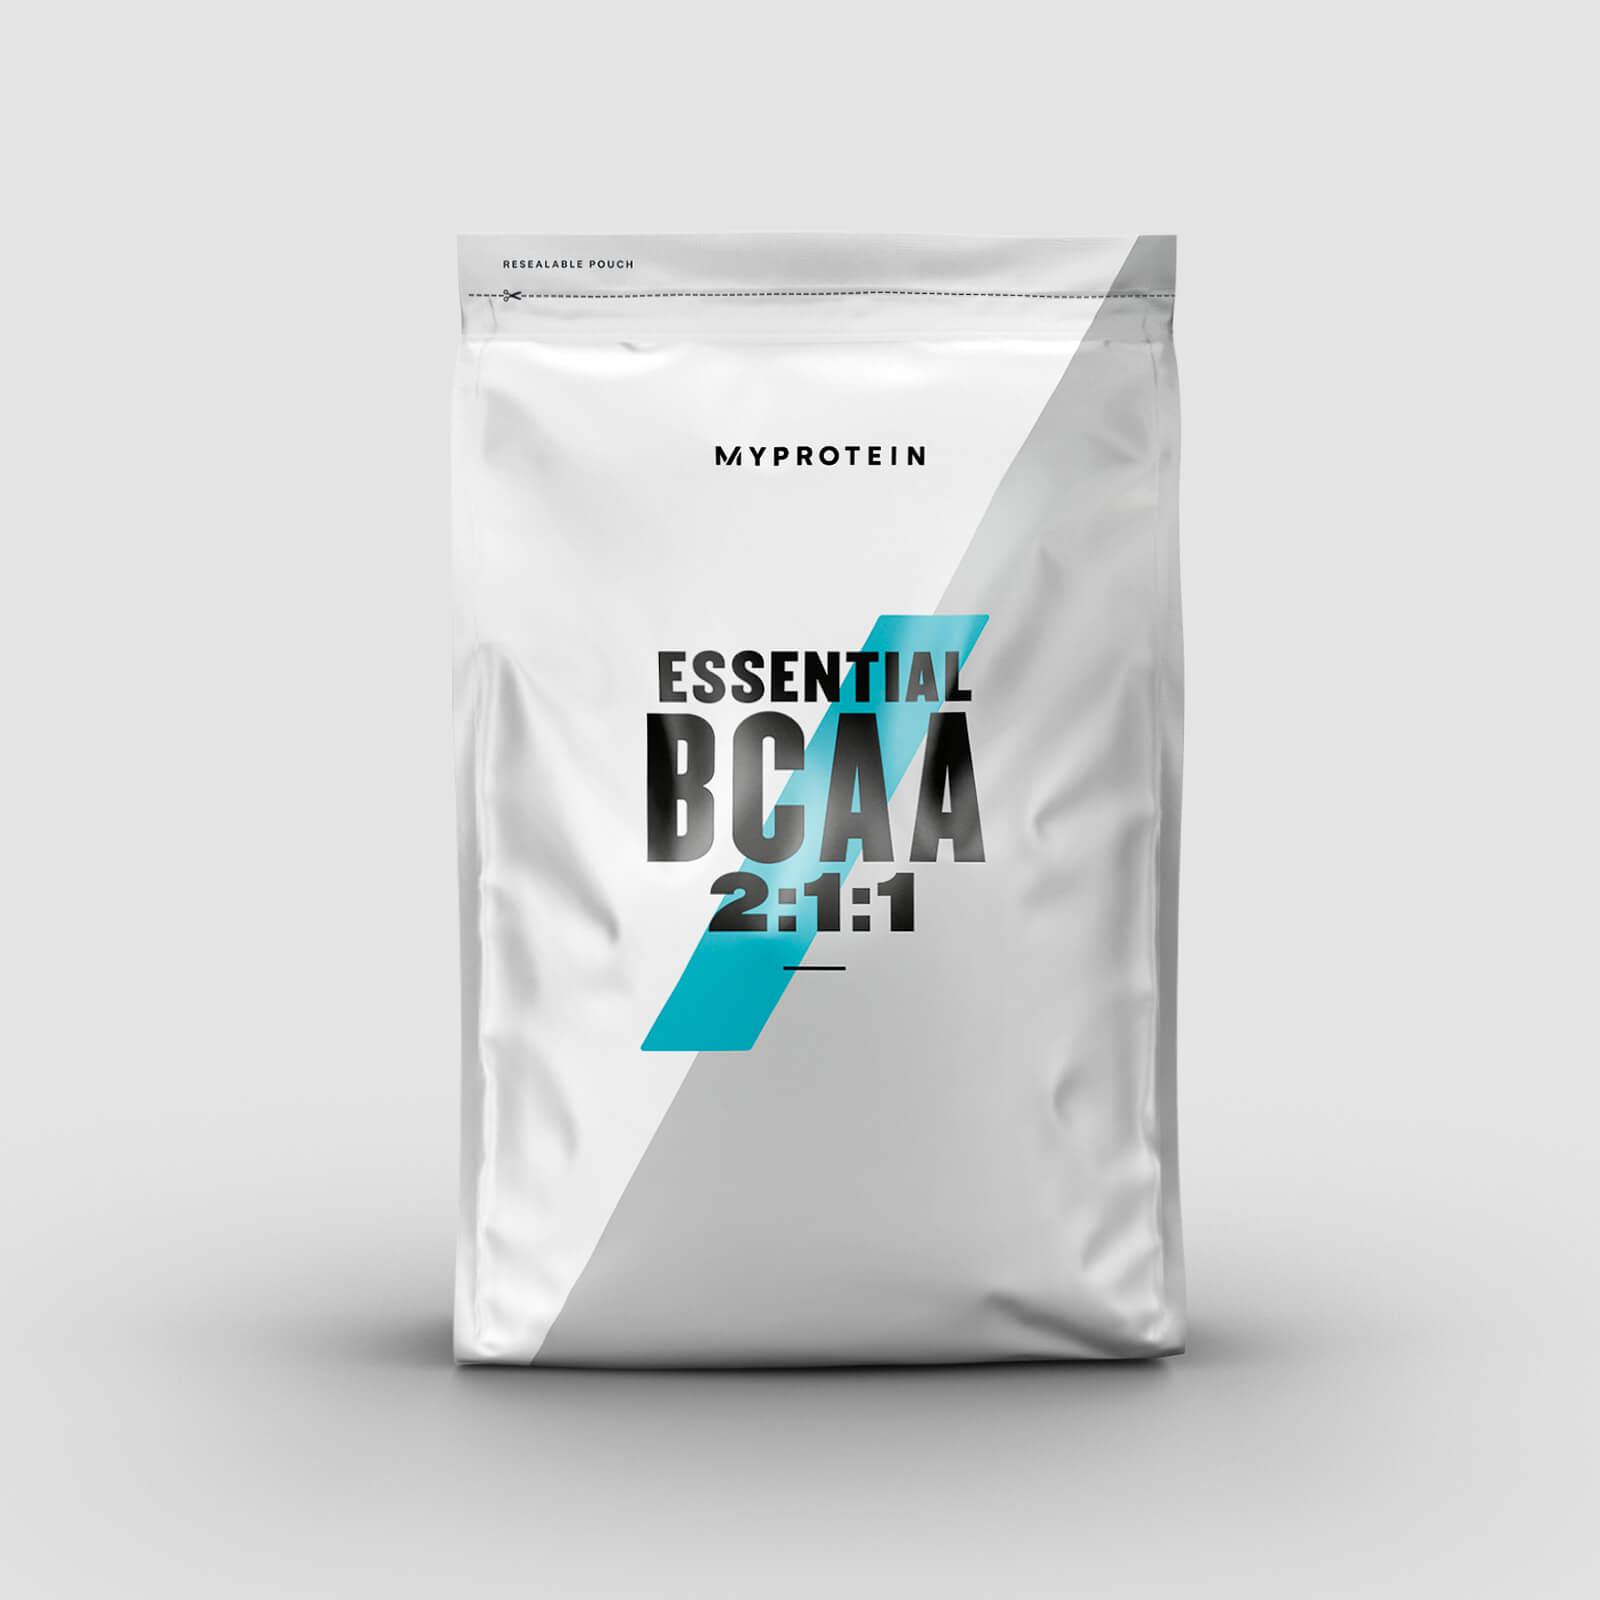 Myprotein Essential BCAA 2:1:1 Powder - 250g - Grenadine